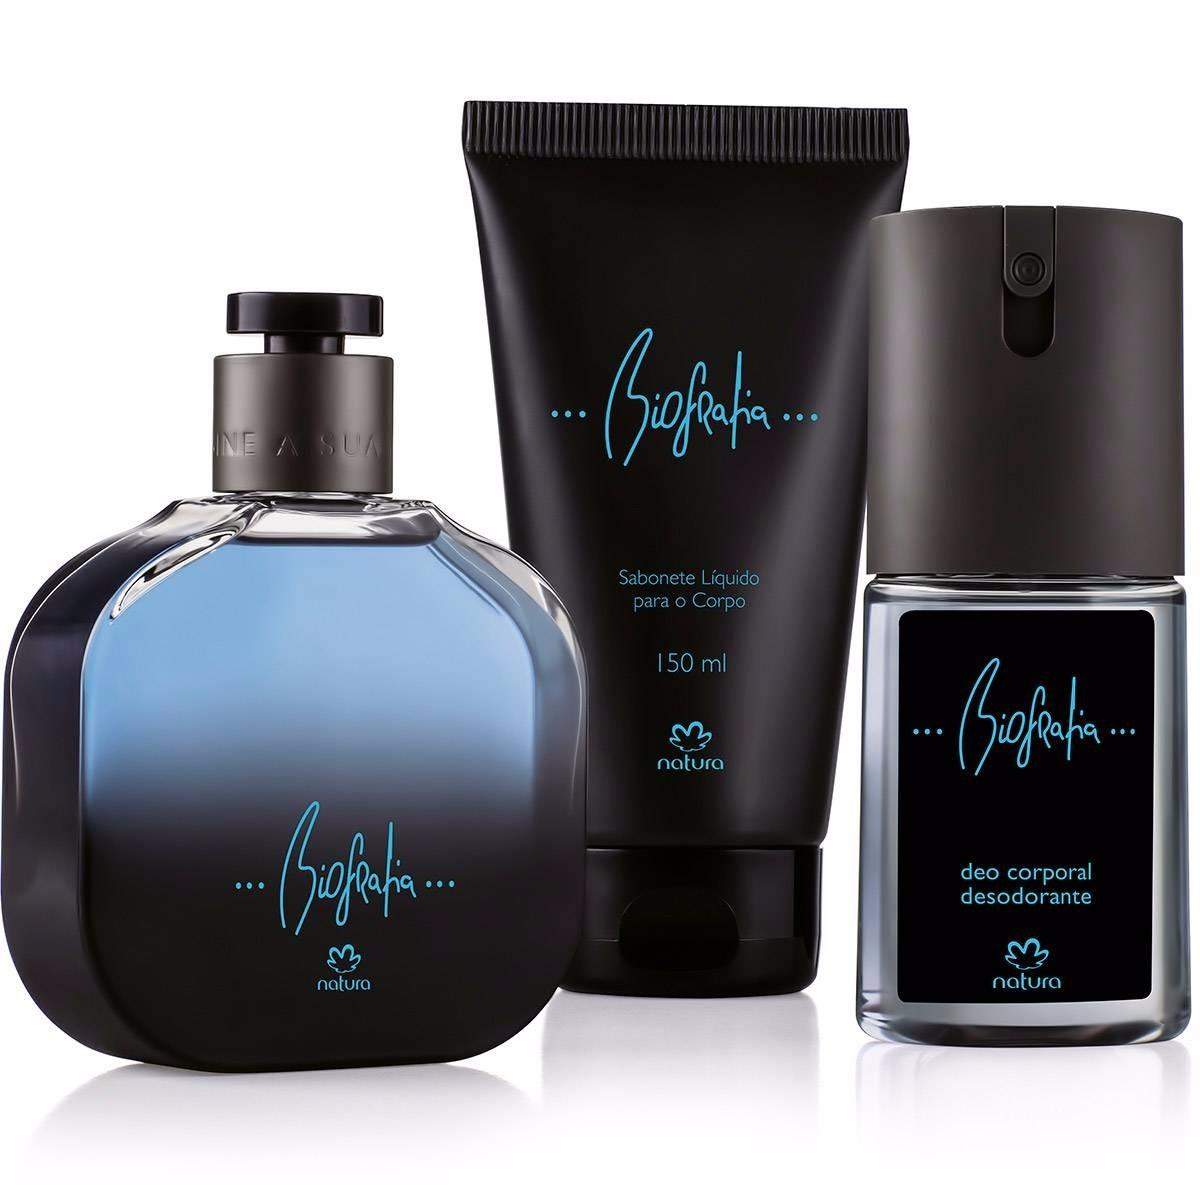 f7a02ec0d47 Kit Presente Perfume Biografia Masculino + 2 Produtos Grátis - R ...